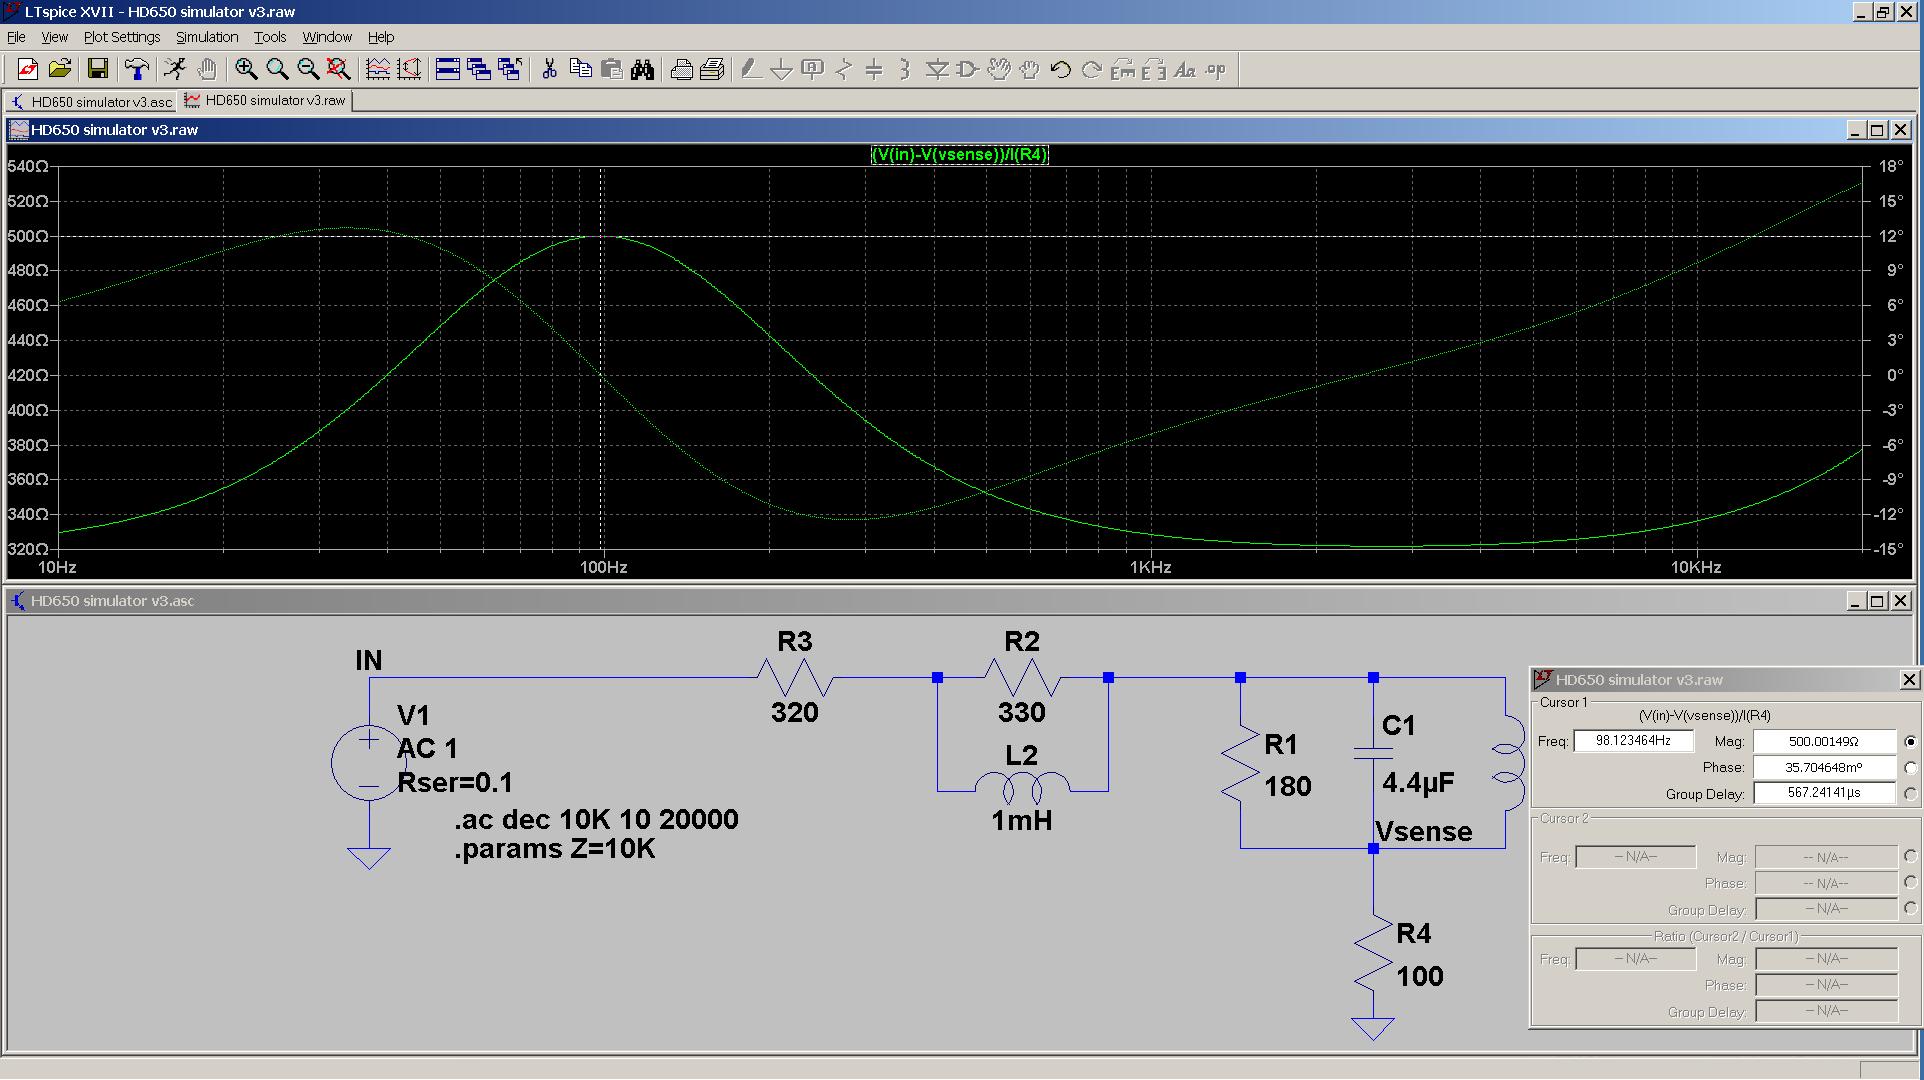 HD650 simulator v3.png